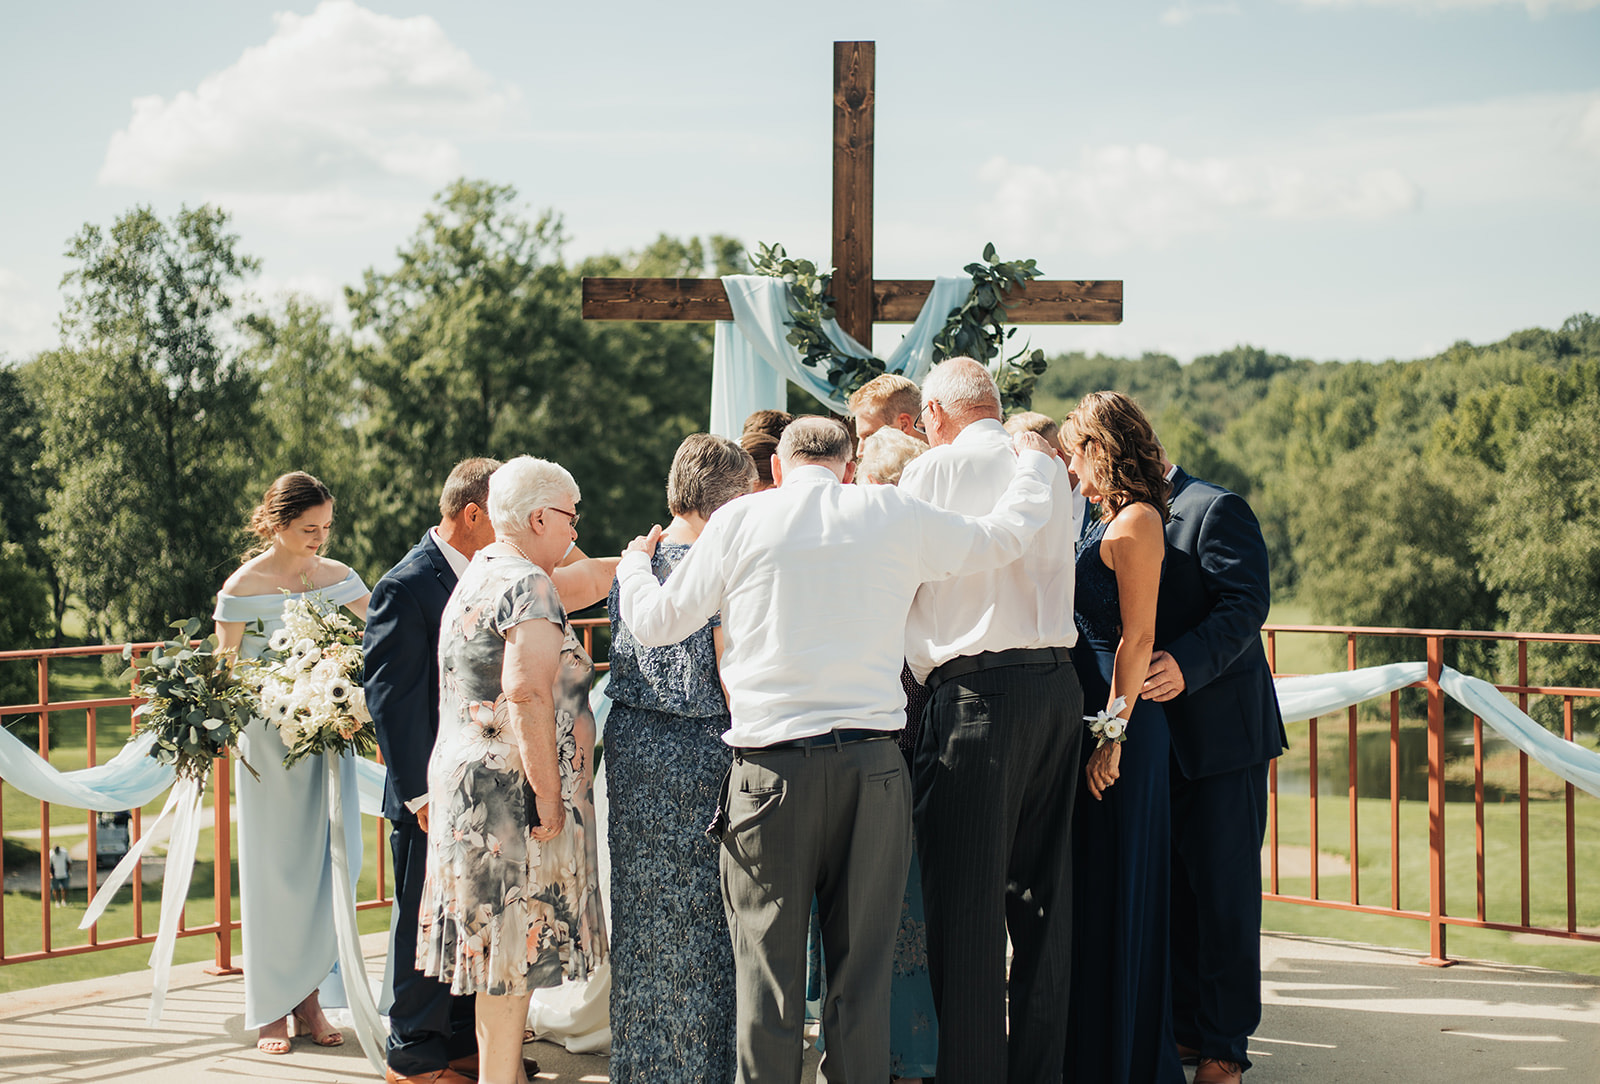 wedding prayers on a wedding day